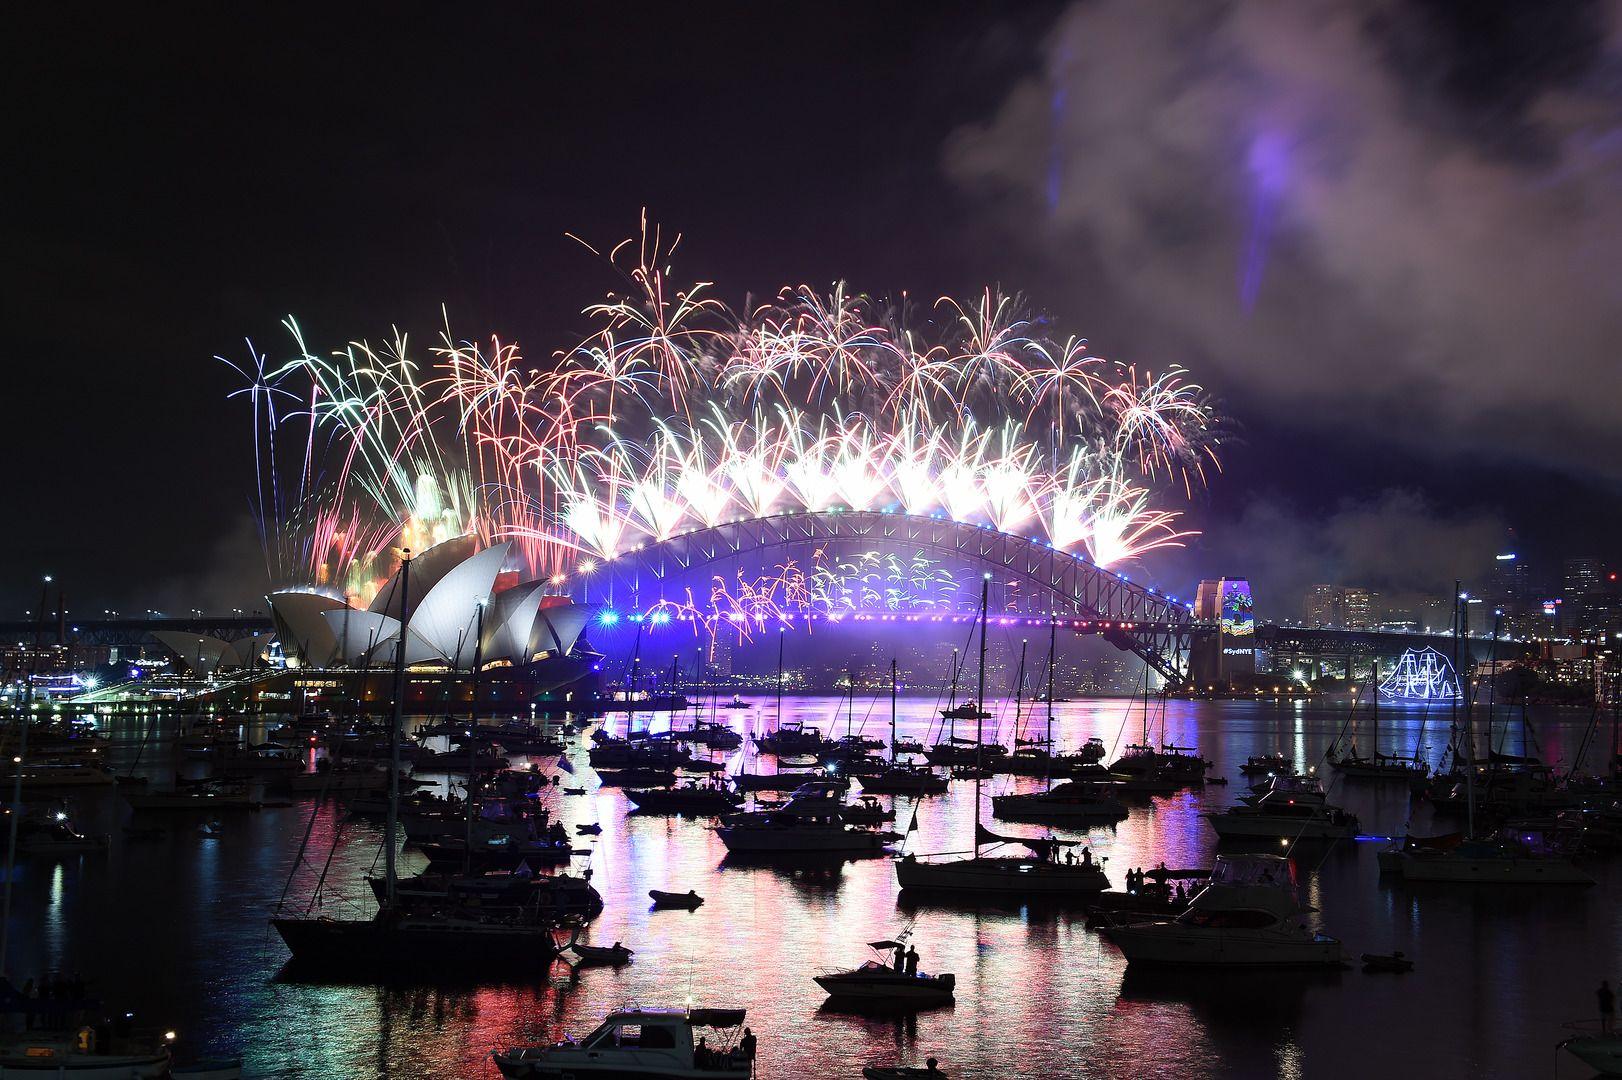 Nouvel an 2017 à Syndey, Australie